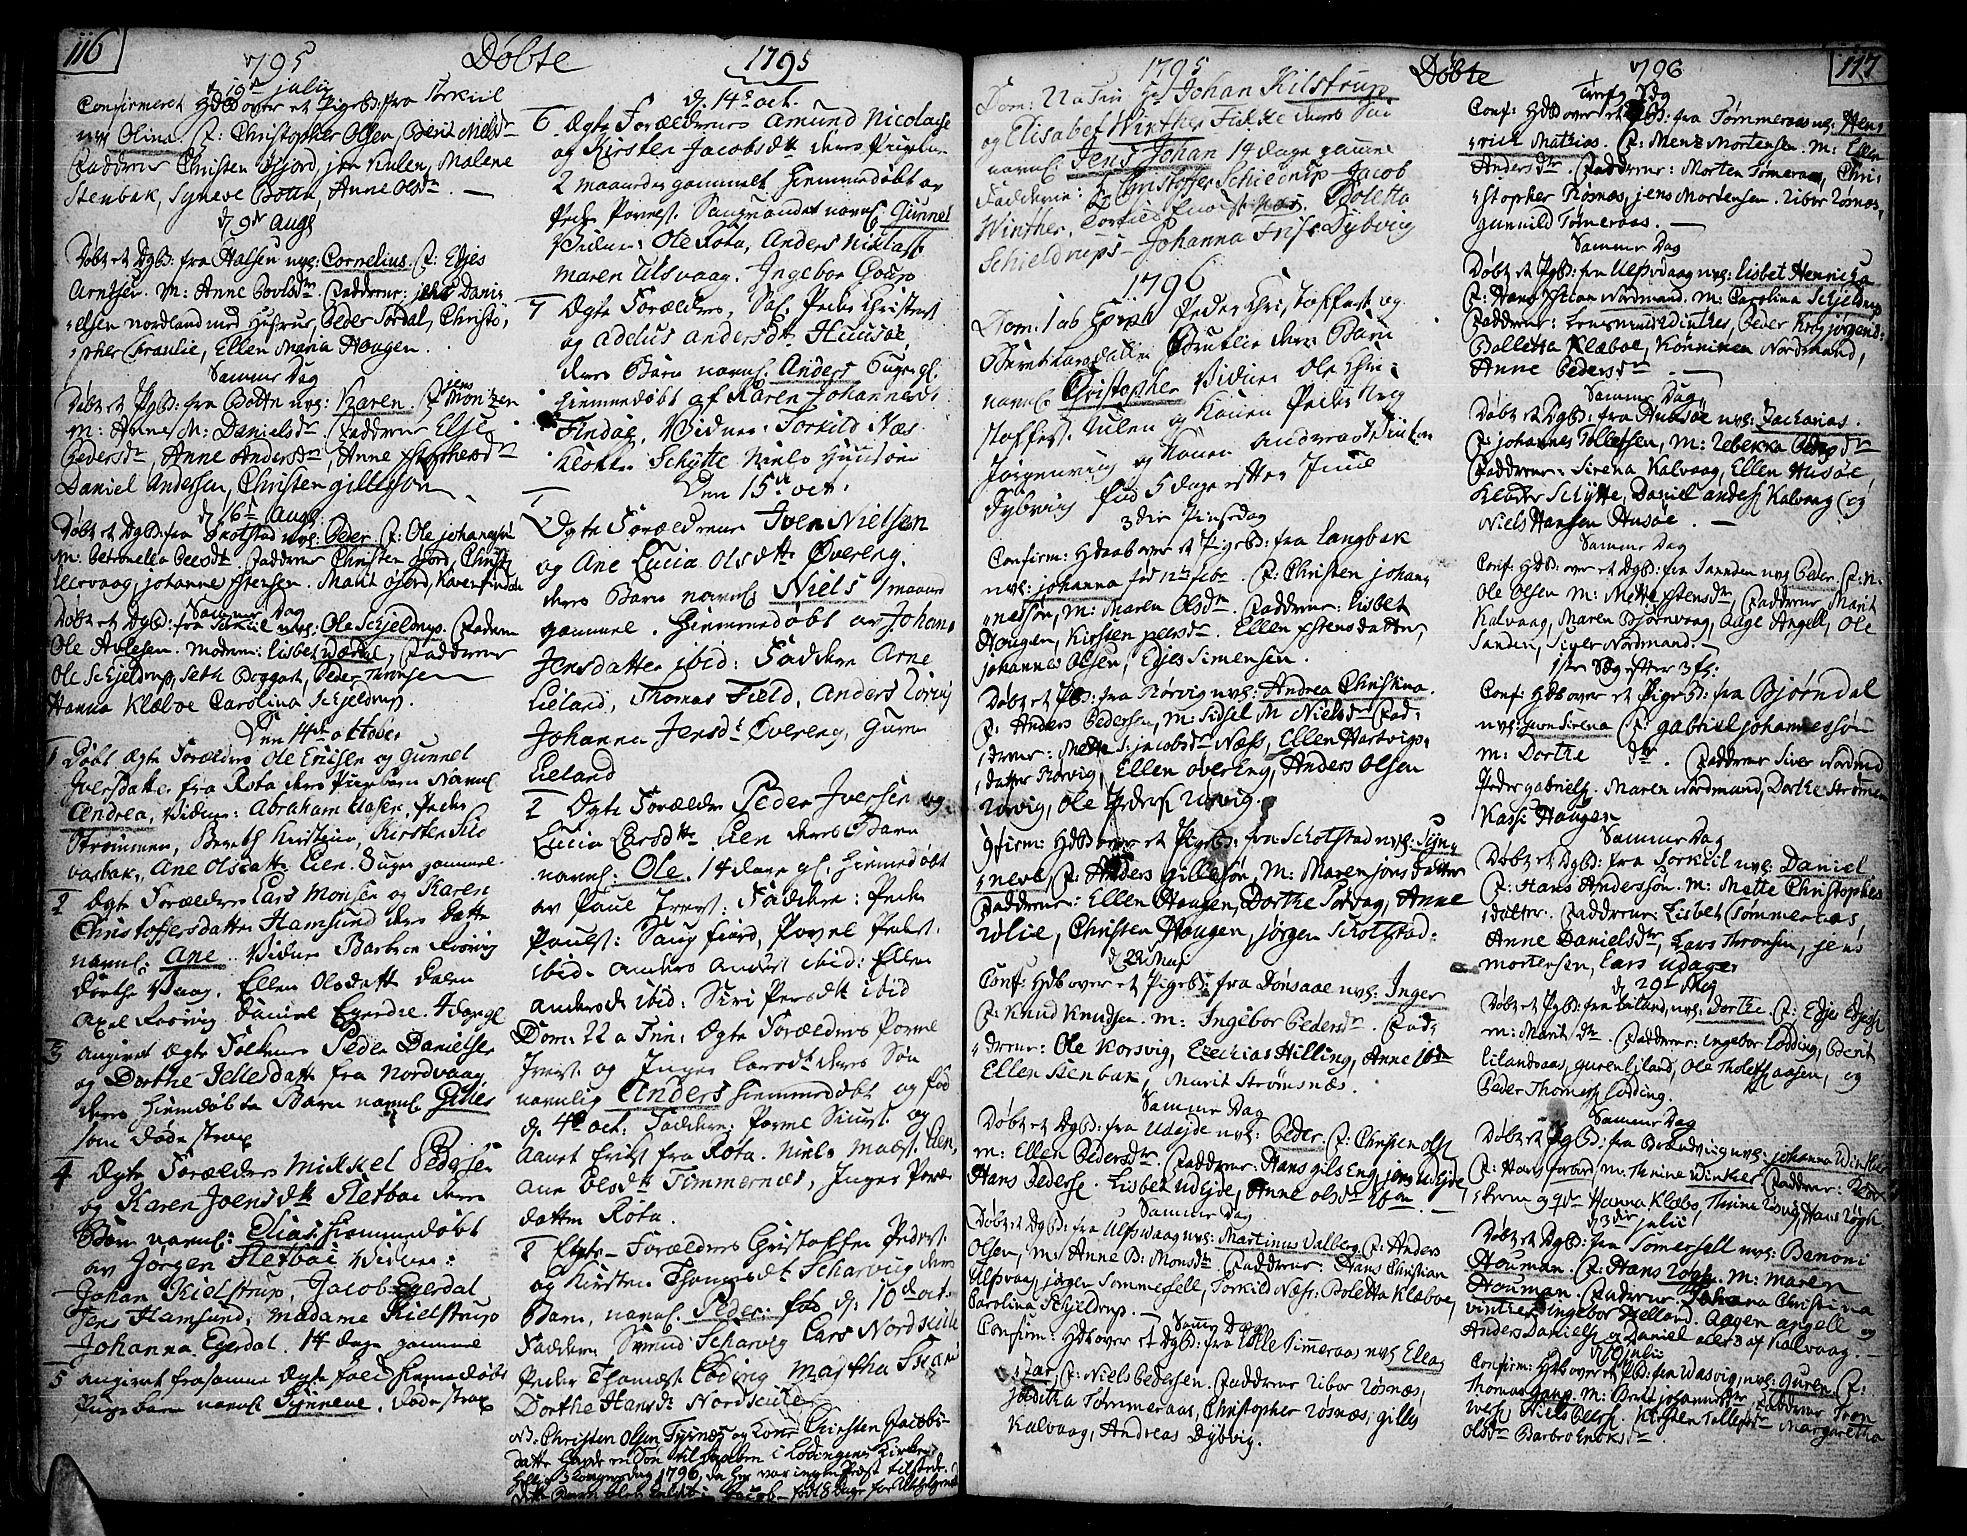 SAT, Ministerialprotokoller, klokkerbøker og fødselsregistre - Nordland, 859/L0841: Parish register (official) no. 859A01, 1766-1821, p. 116-117